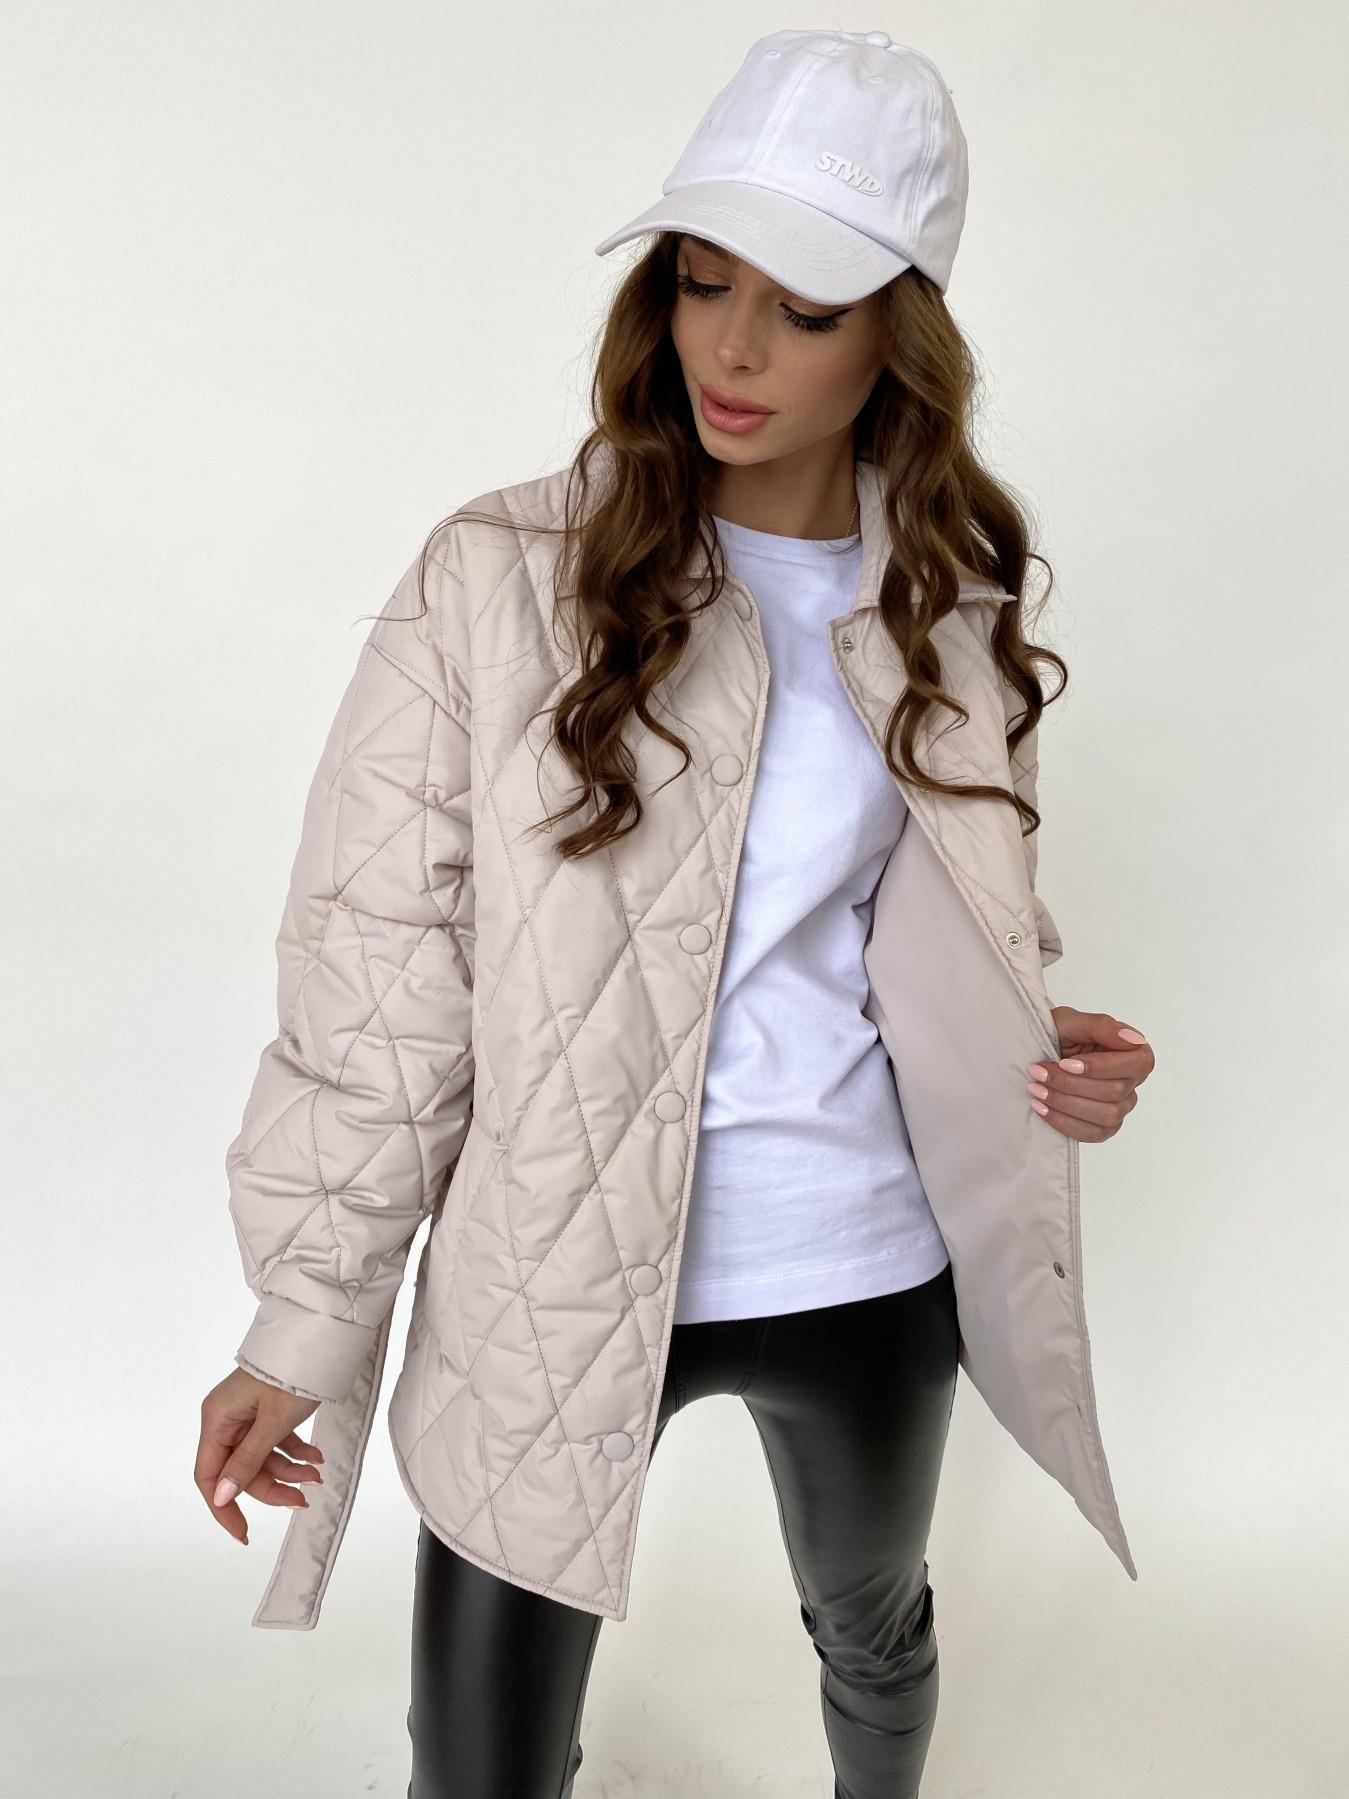 Моно куртка из плащевой ткани Ammy 10972 АРТ. 47515 Цвет: Бежевый 970 - фото 8, интернет магазин tm-modus.ru